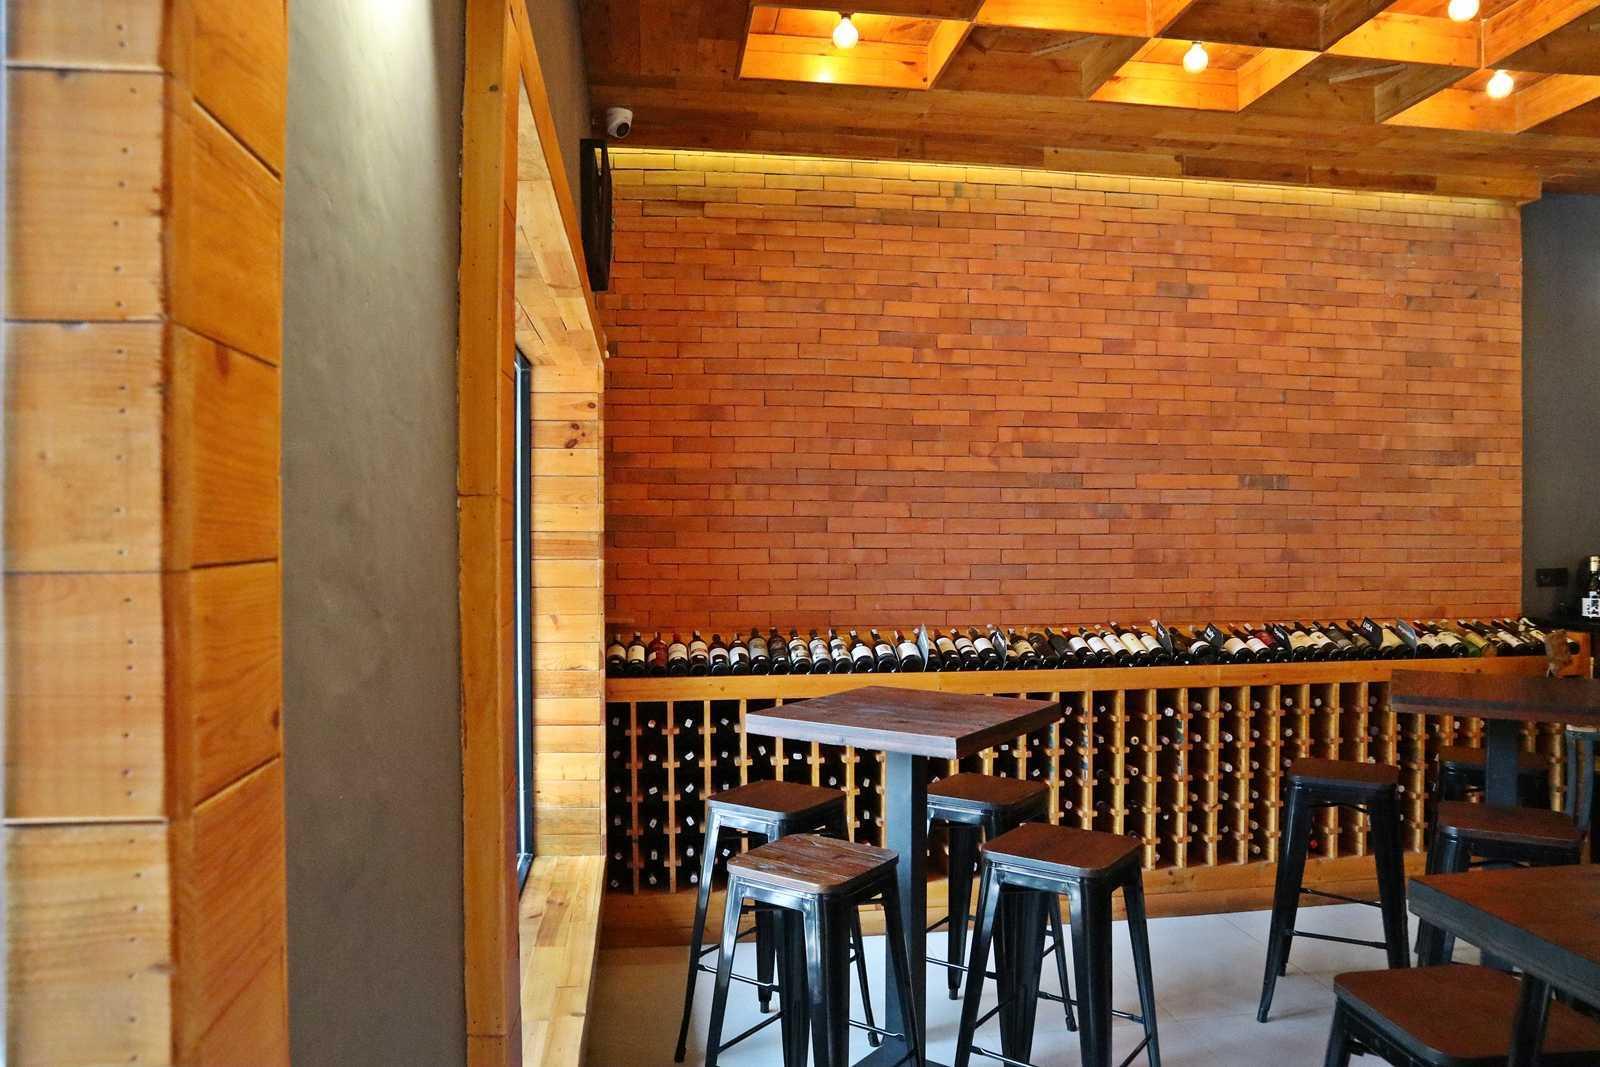 Bd Studio The Traders - Wine Sake Room Medan, Kota Medan, Sumatera Utara, Indonesia Medan, Kota Medan, Sumatera Utara, Indonesia Bd-Studio-The-Trader-Wine-Sake-Room   74082